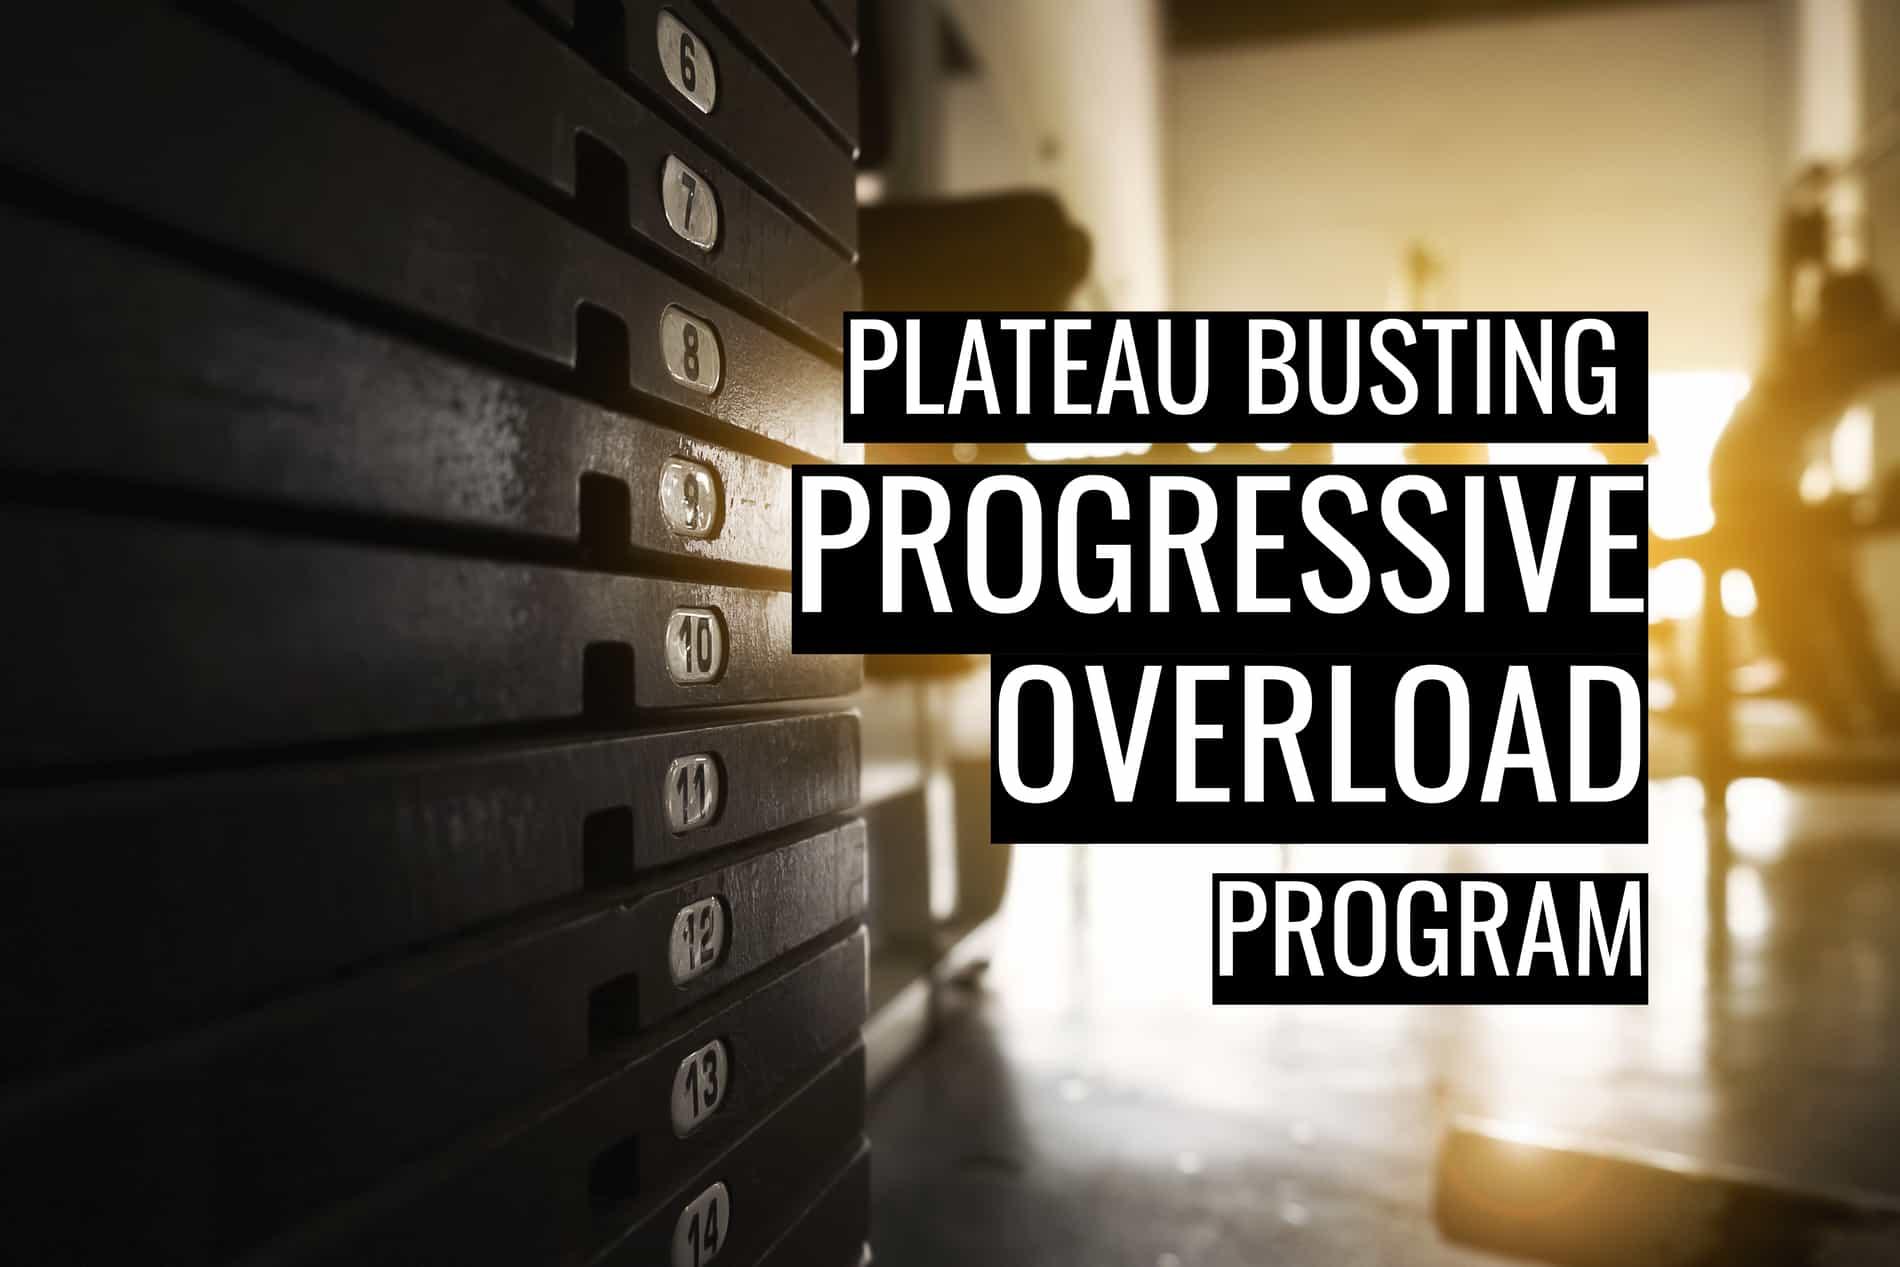 progressive overload program